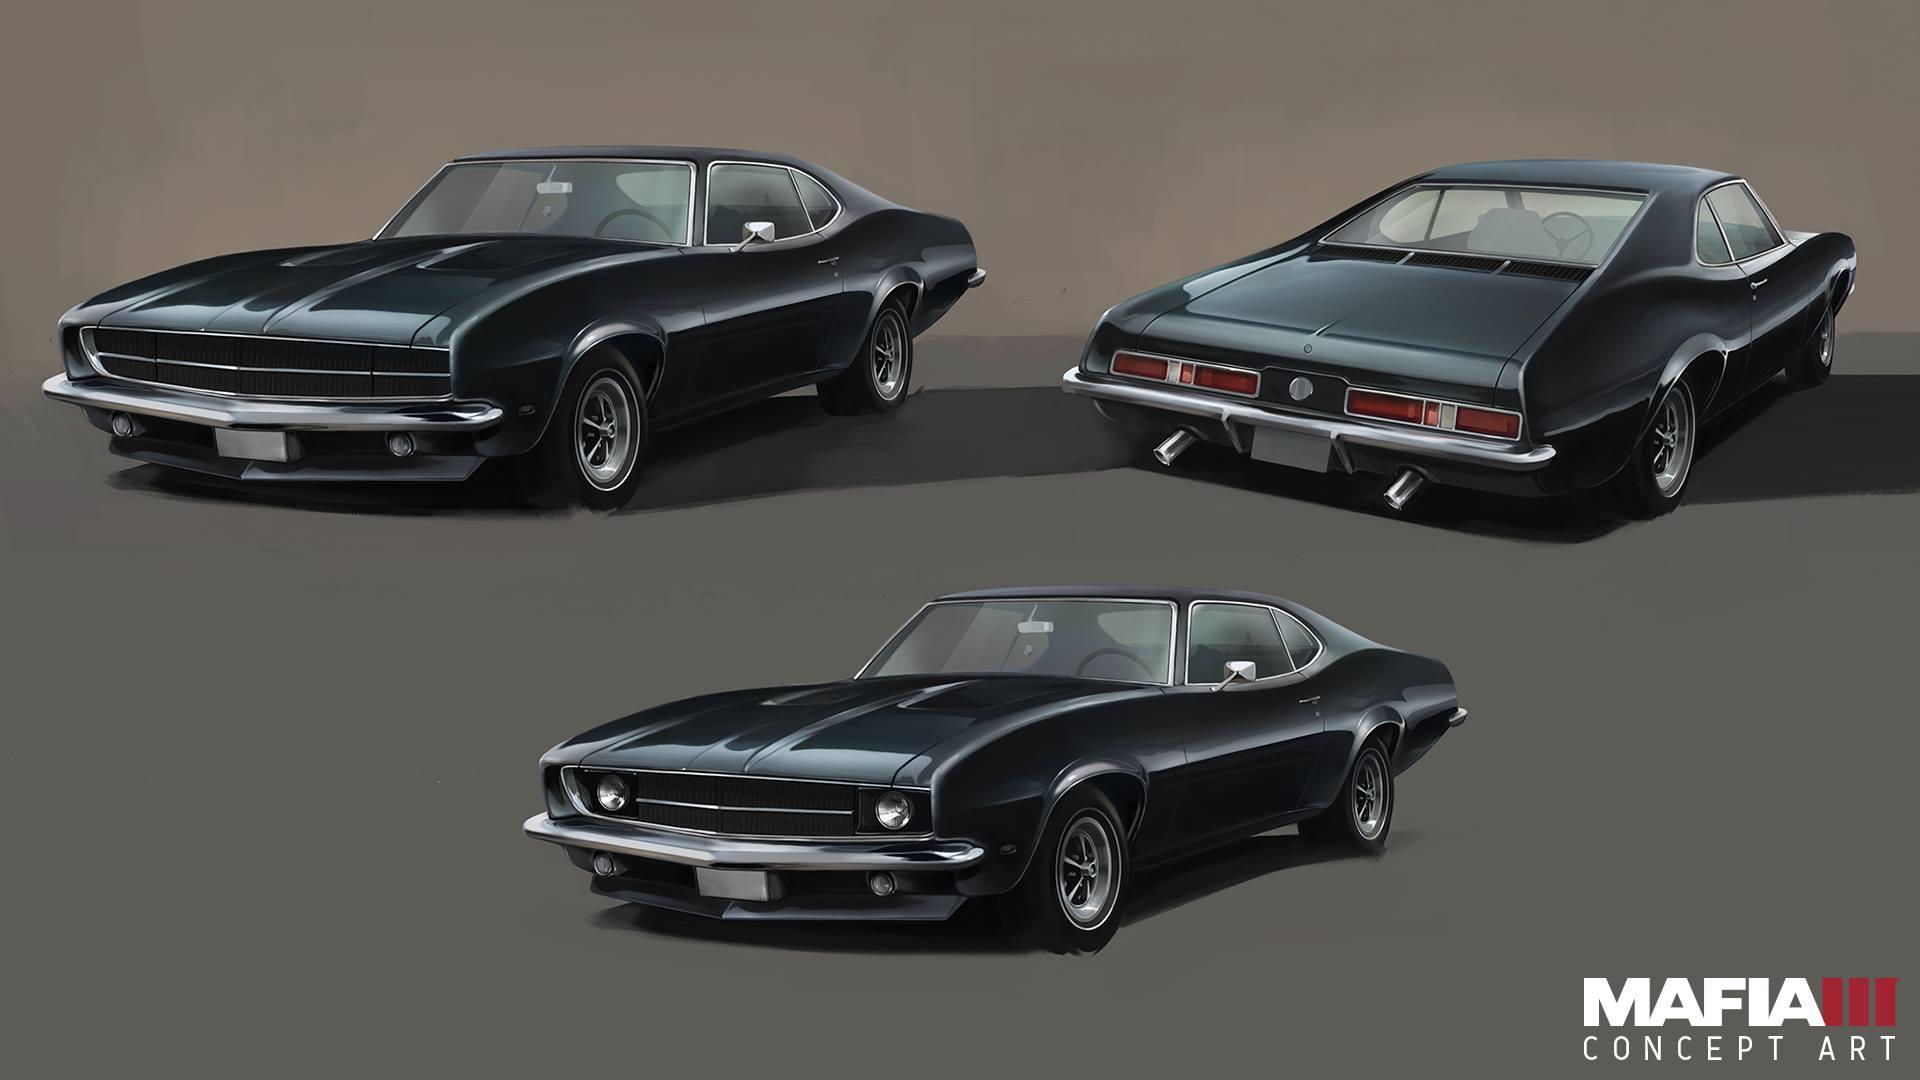 Mafia 3 muscle car